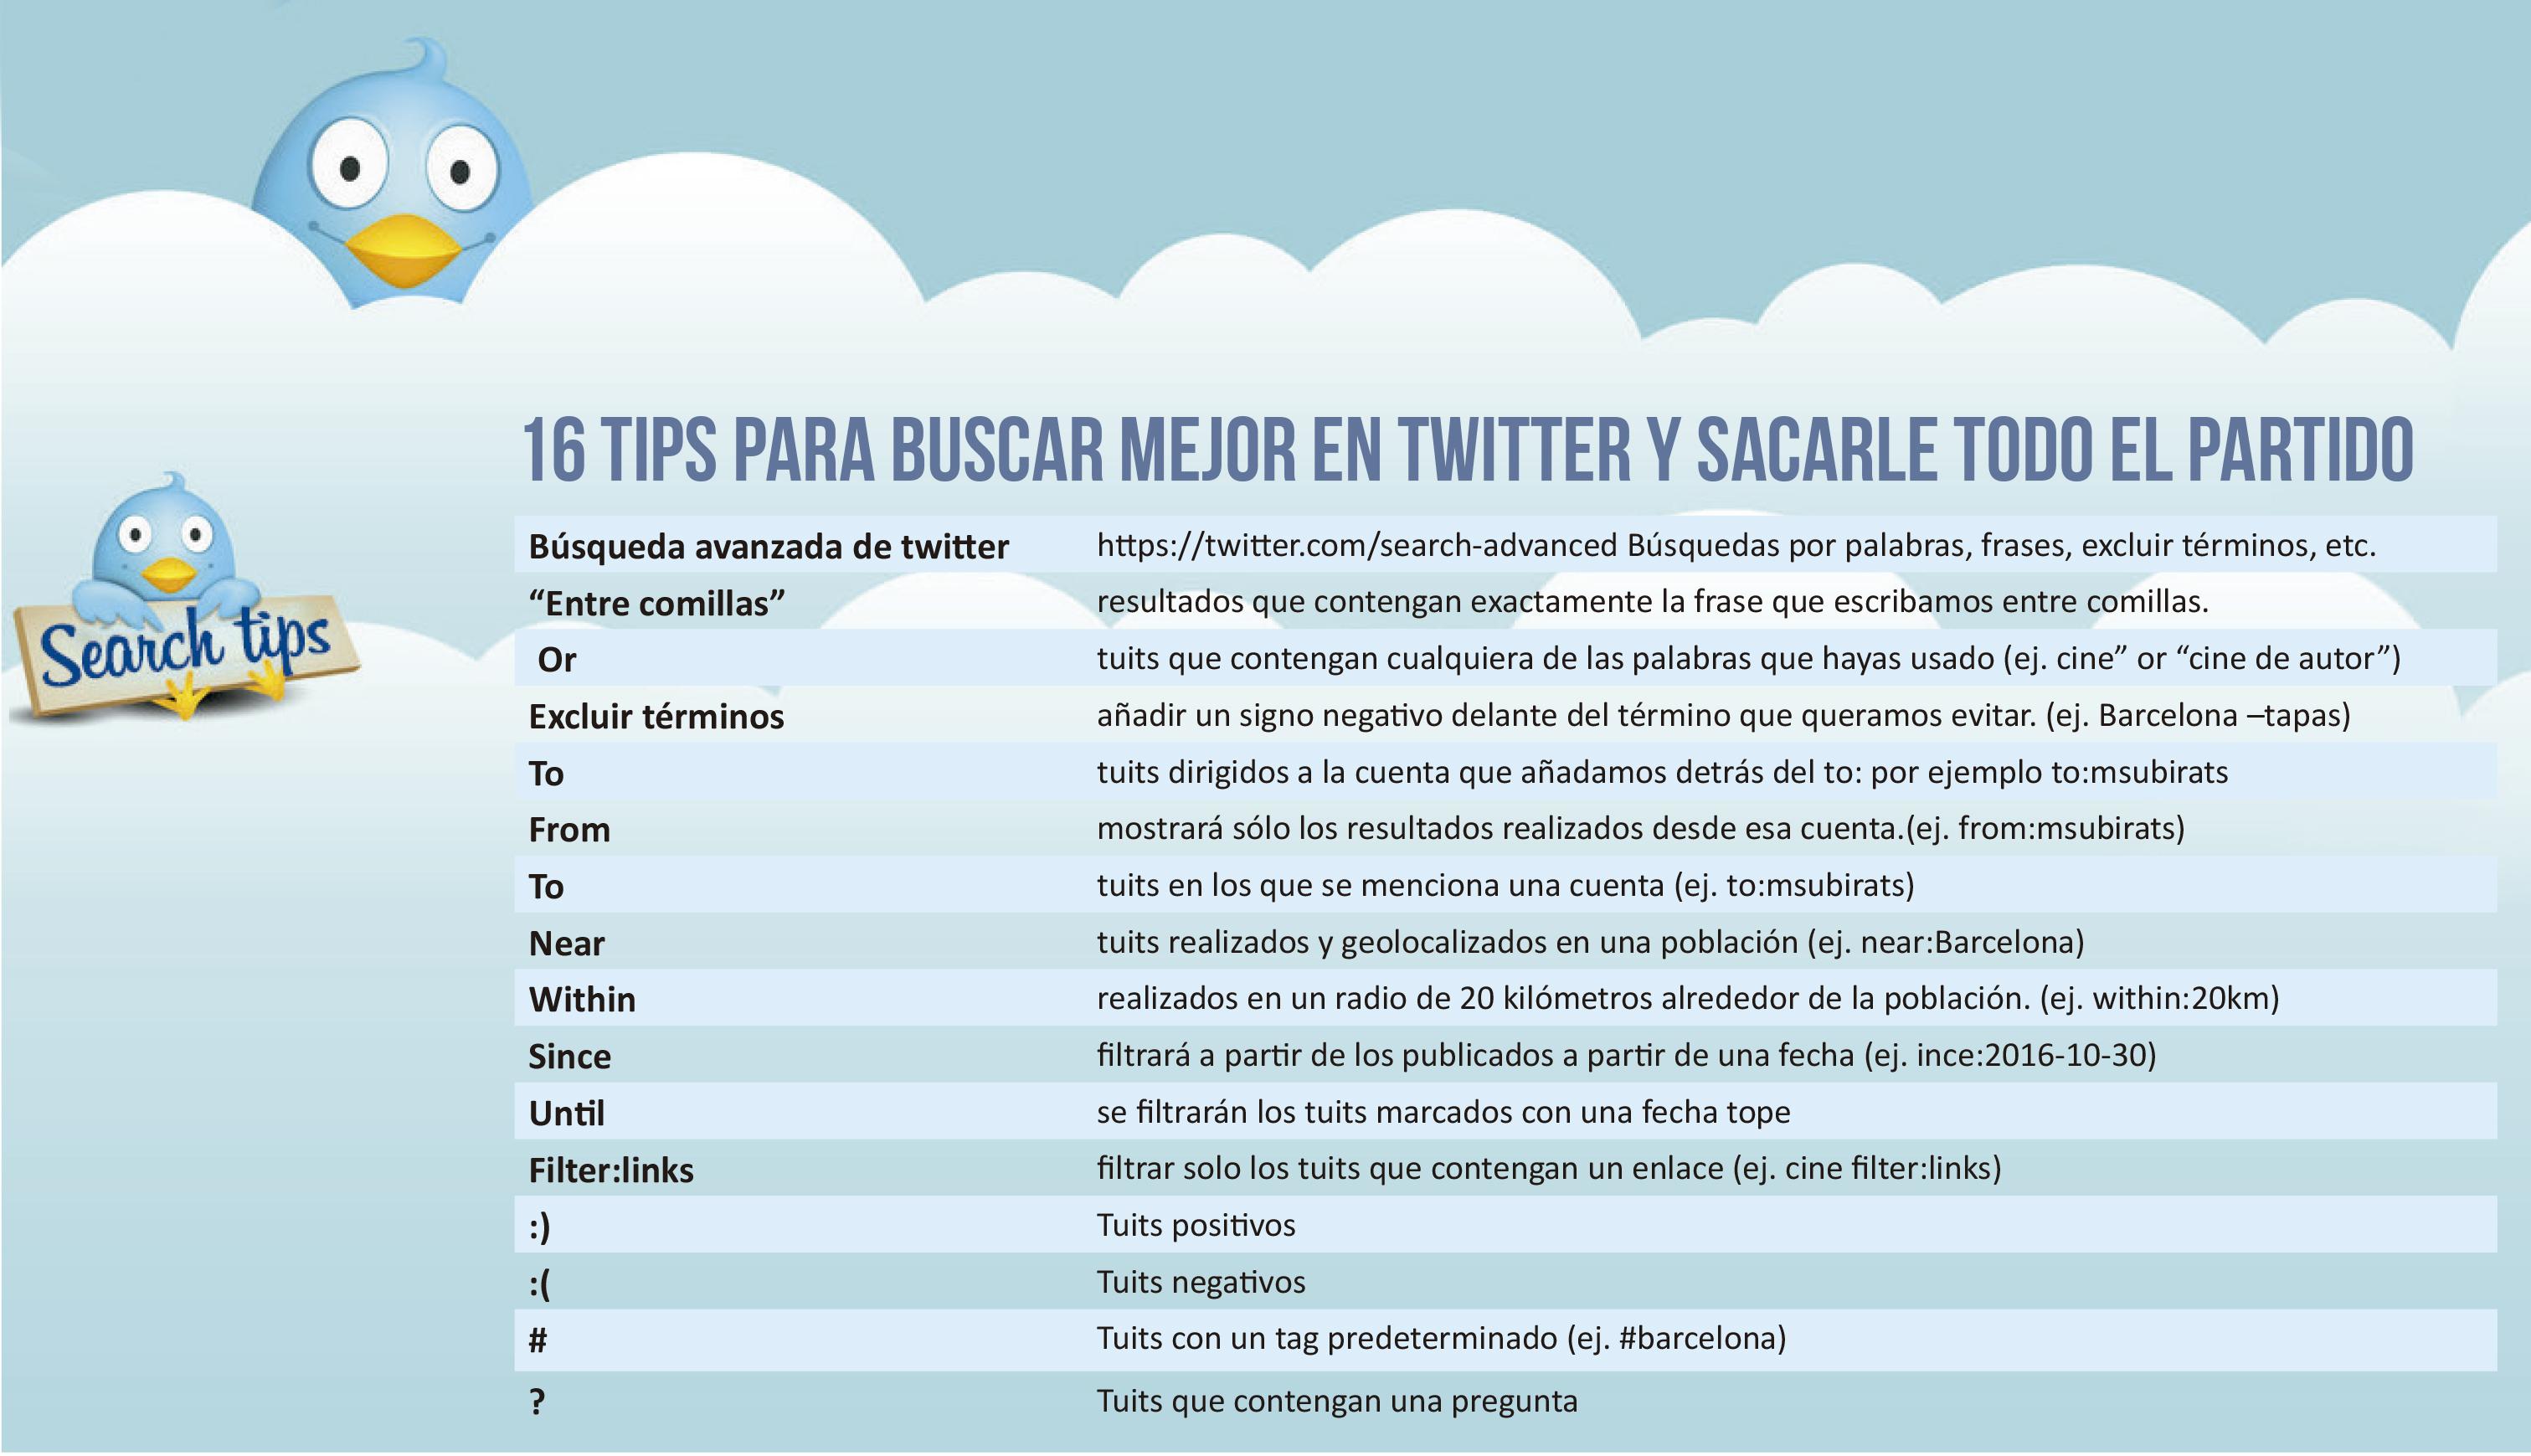 16 TIPS PARA BUSCAR MEJOR EN TWITTER Y SACARLE TODO EL PARTIDO